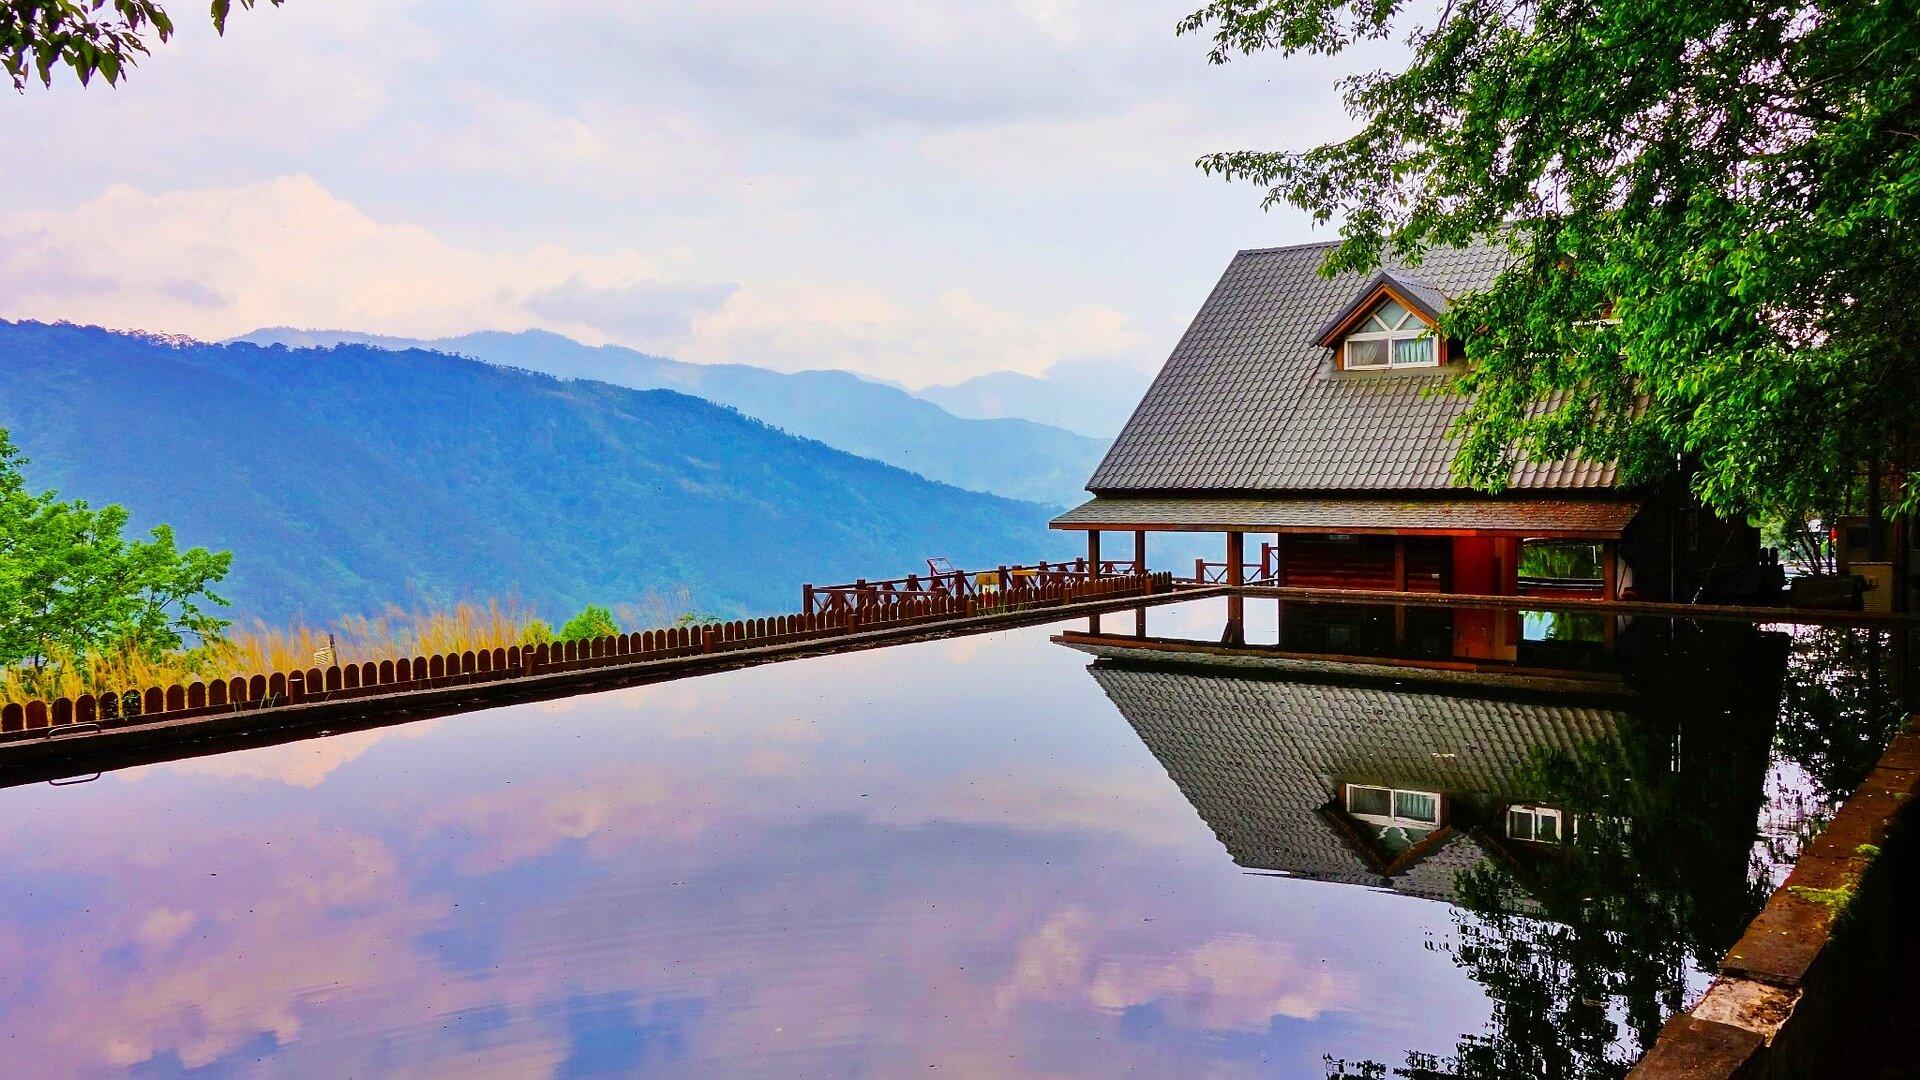 はこじょ森林セラピーラボにて『泉質別 温泉の魅力を引き出す入浴法』が掲載されました。